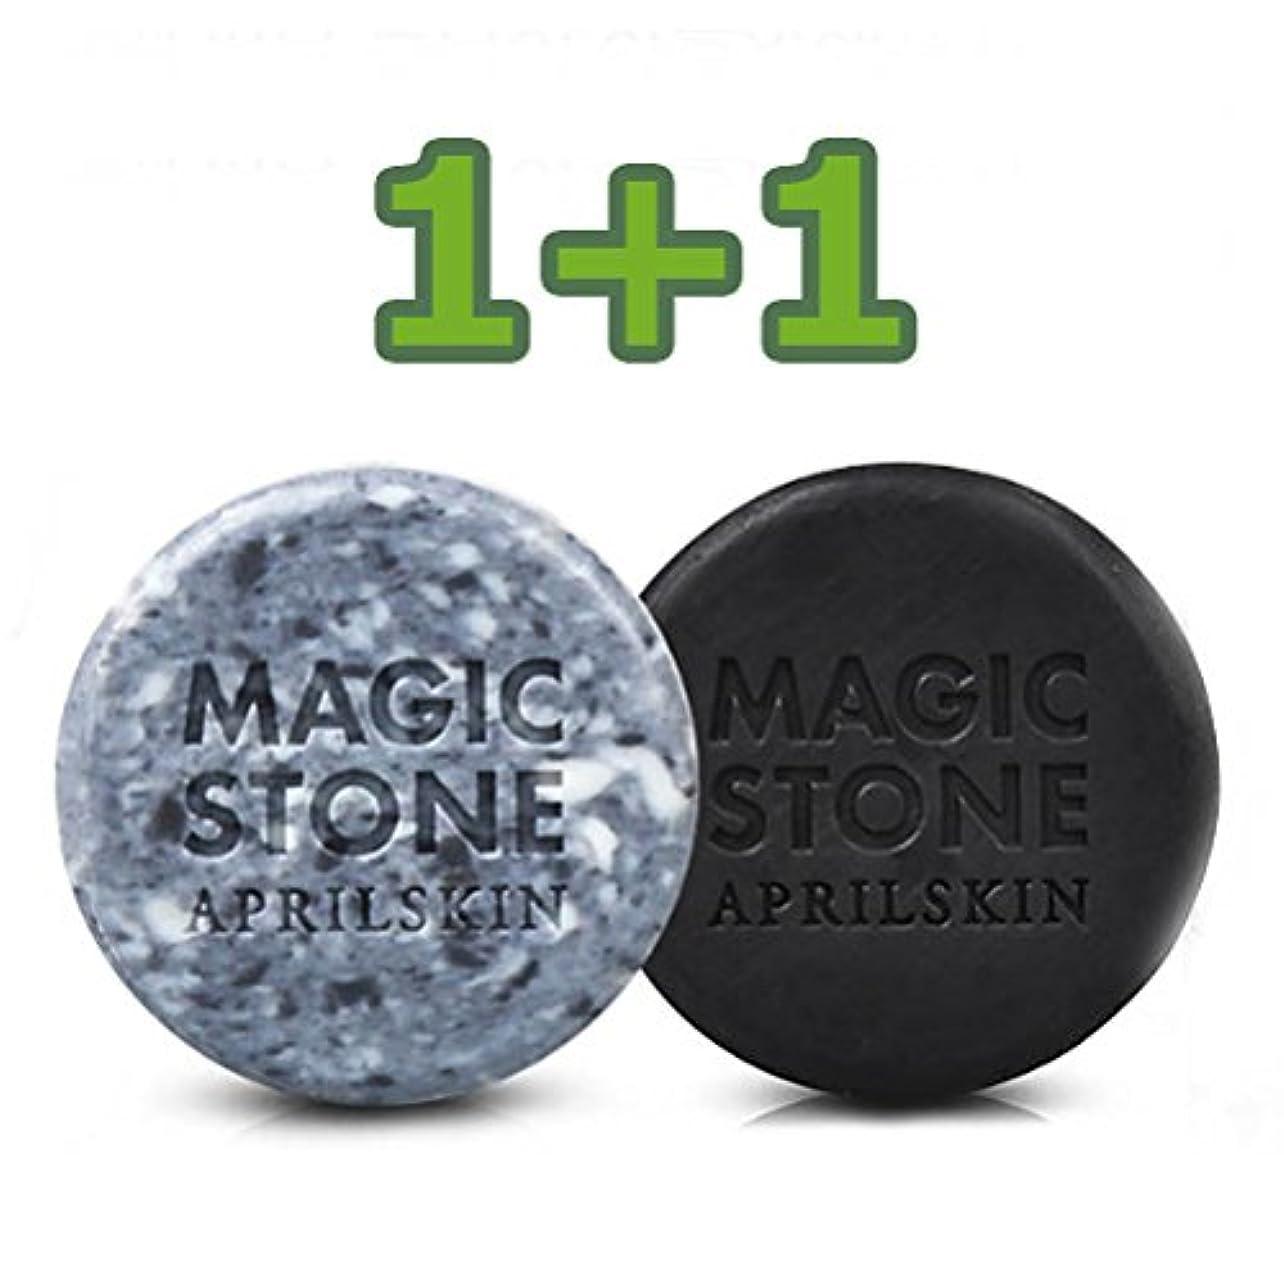 美容師シェード謙虚エイプリルスキン マジックストーンソープ オリジナル&ブラック (Aprilskin Magic Stone Soap Original & Black) 90g * 2個 / 正品?海外直送商品